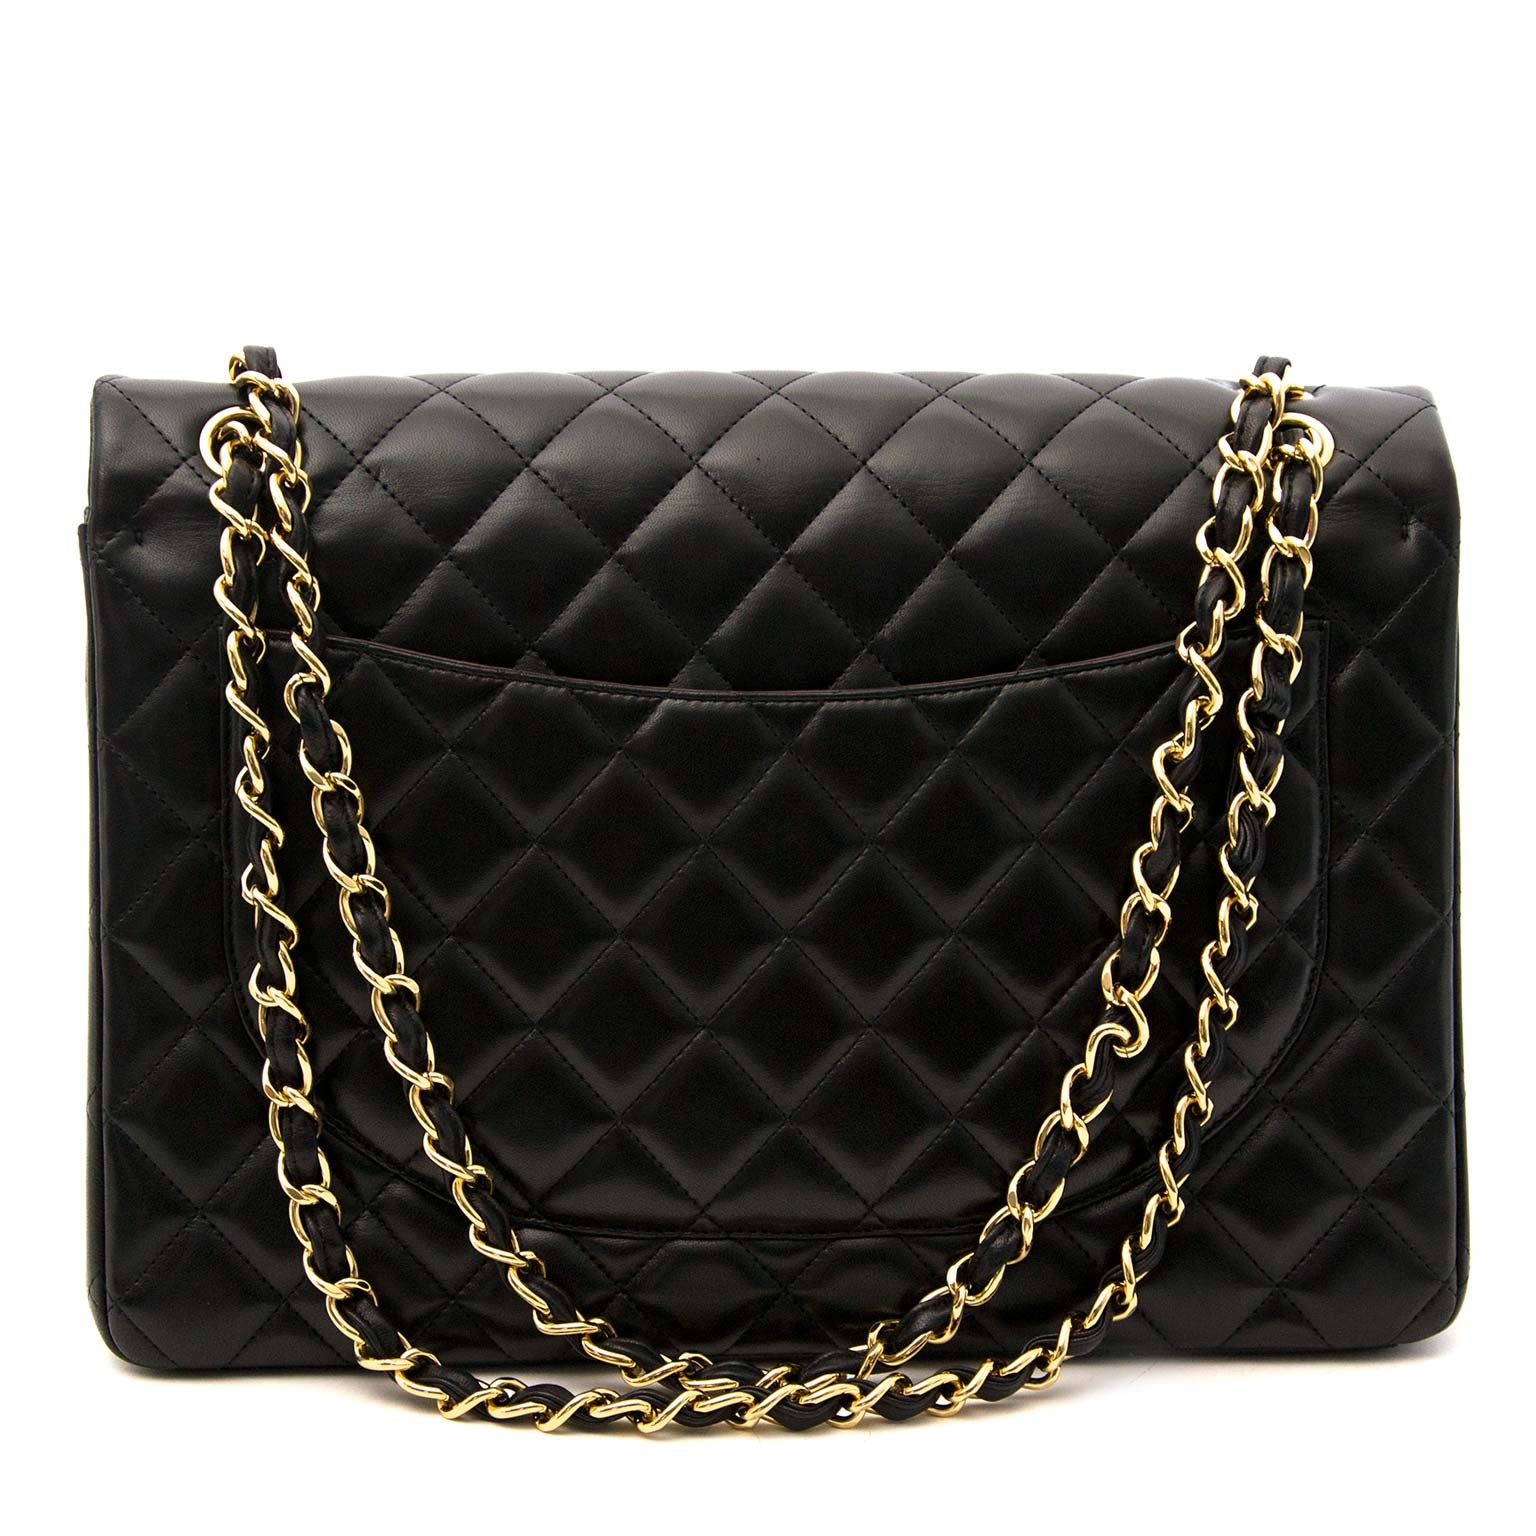 Koop uw authentieke Chanel Black Lambskin Leather Maxi Classic Flap Bag GHW